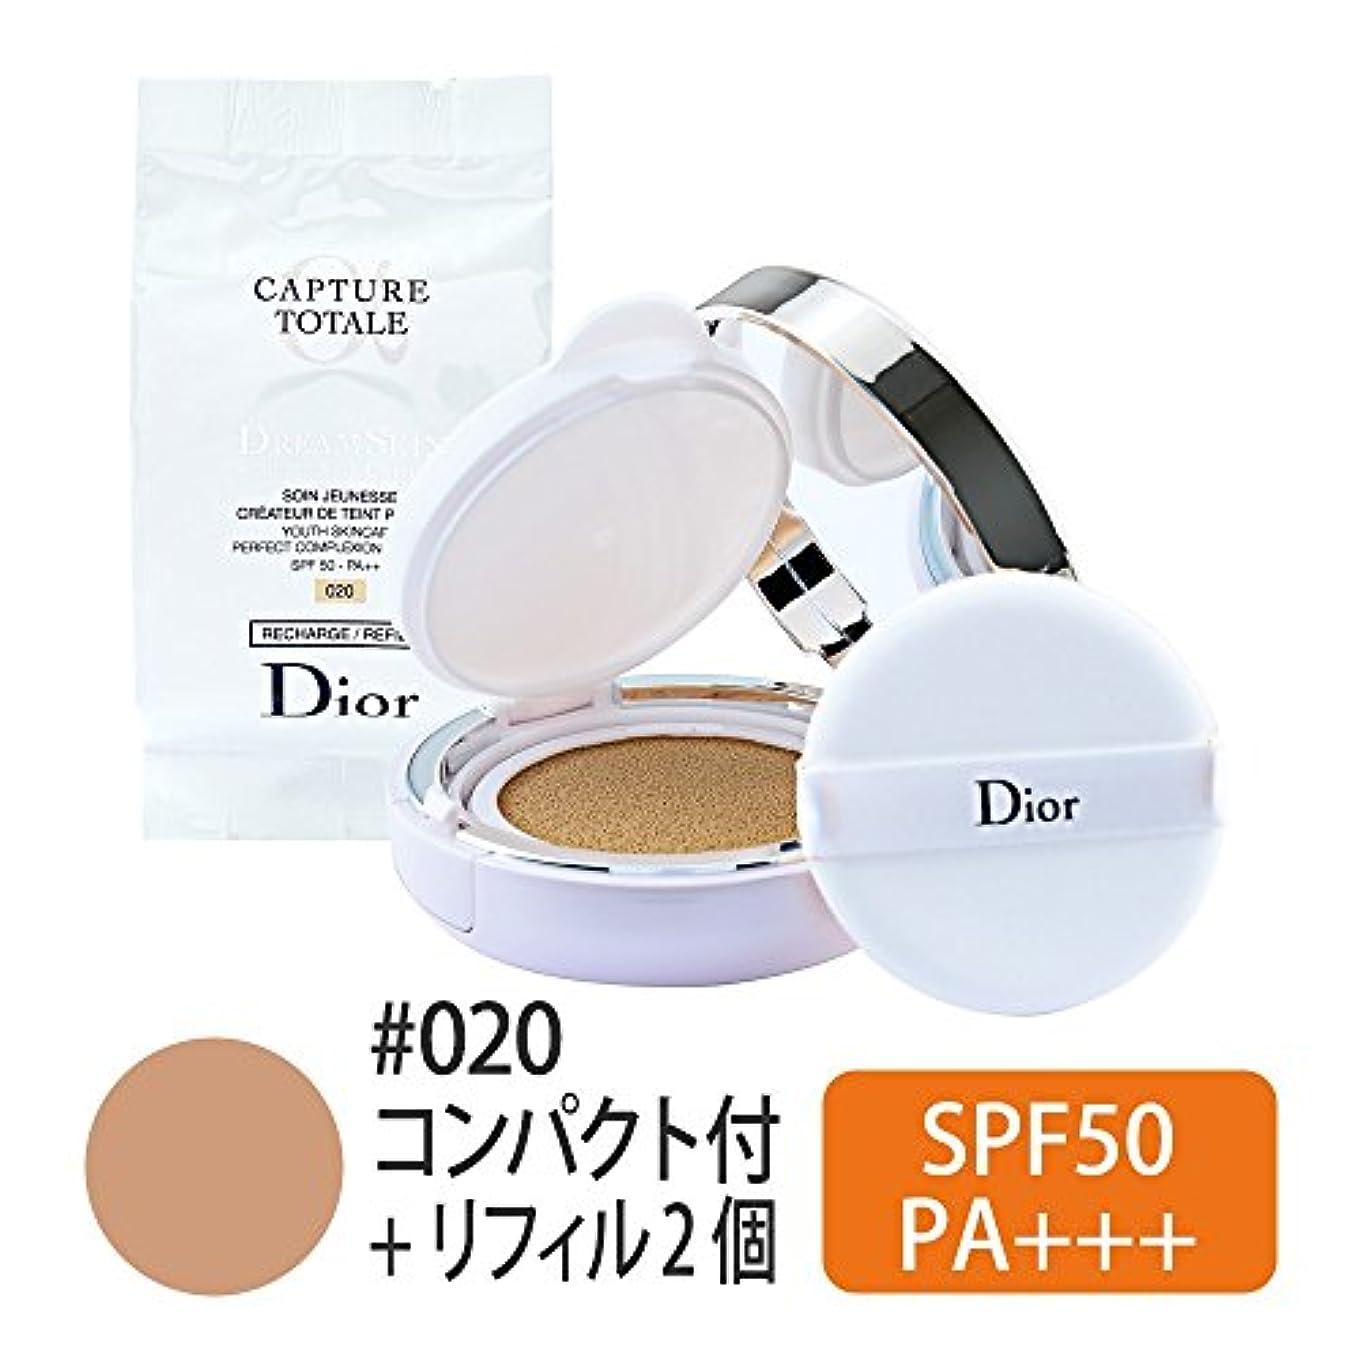 関係同情的霧Christian Dior クリスチャン ディオール カプチュール トータル ドリーム スキン クッション #020 SPF50-PA+++ 15g x 2 [並行輸入品]